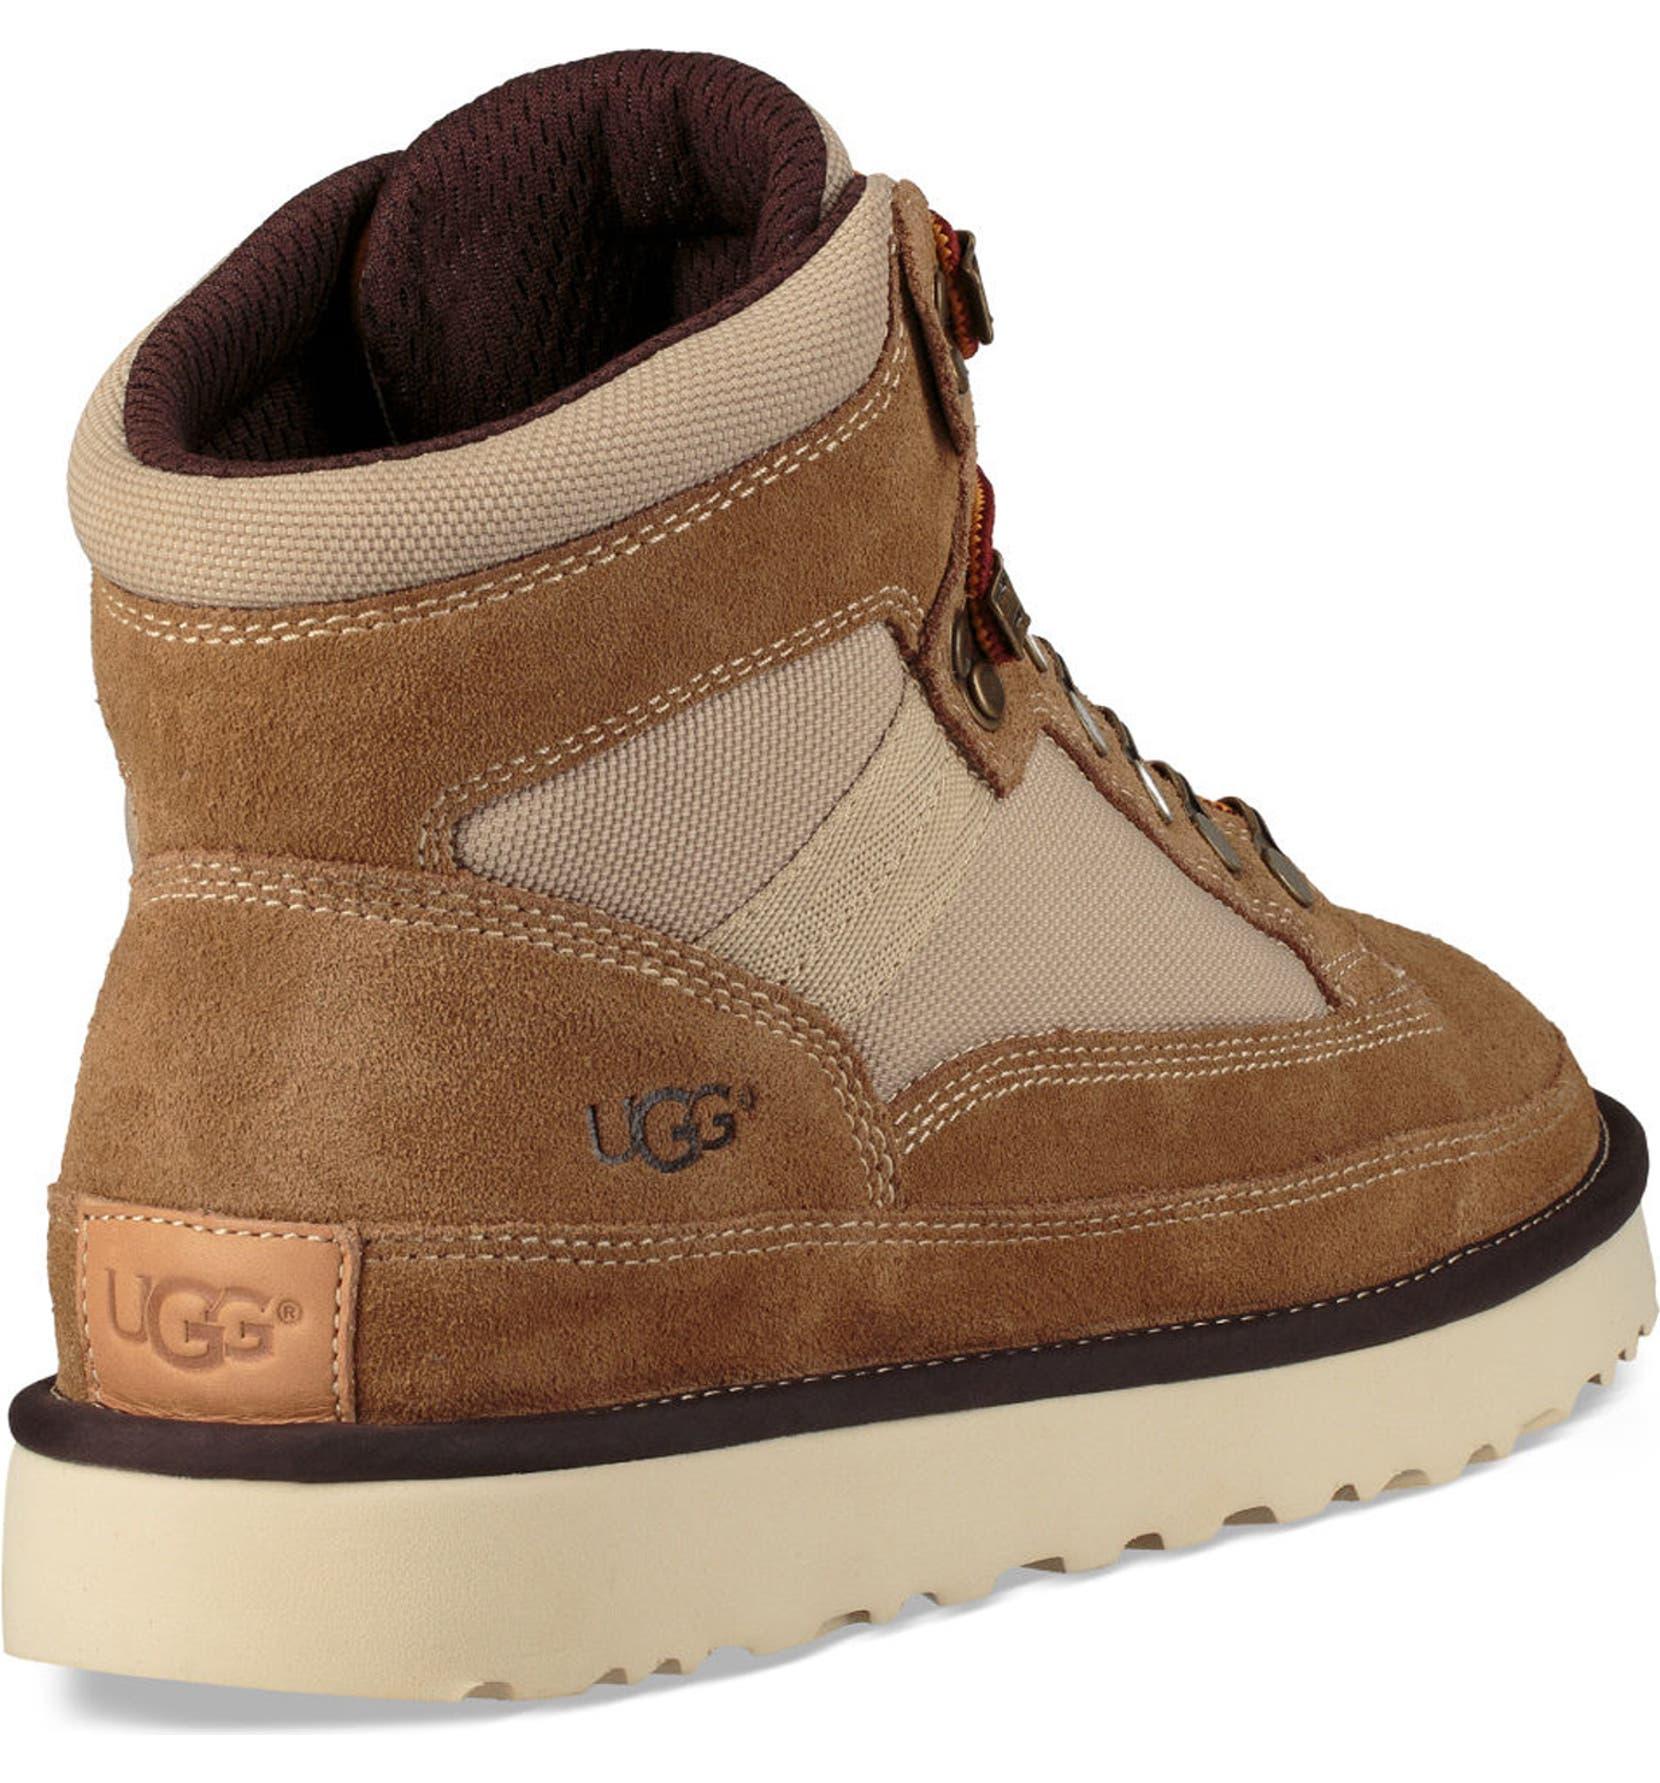 7c4b229d225 Highland Hiker Boot